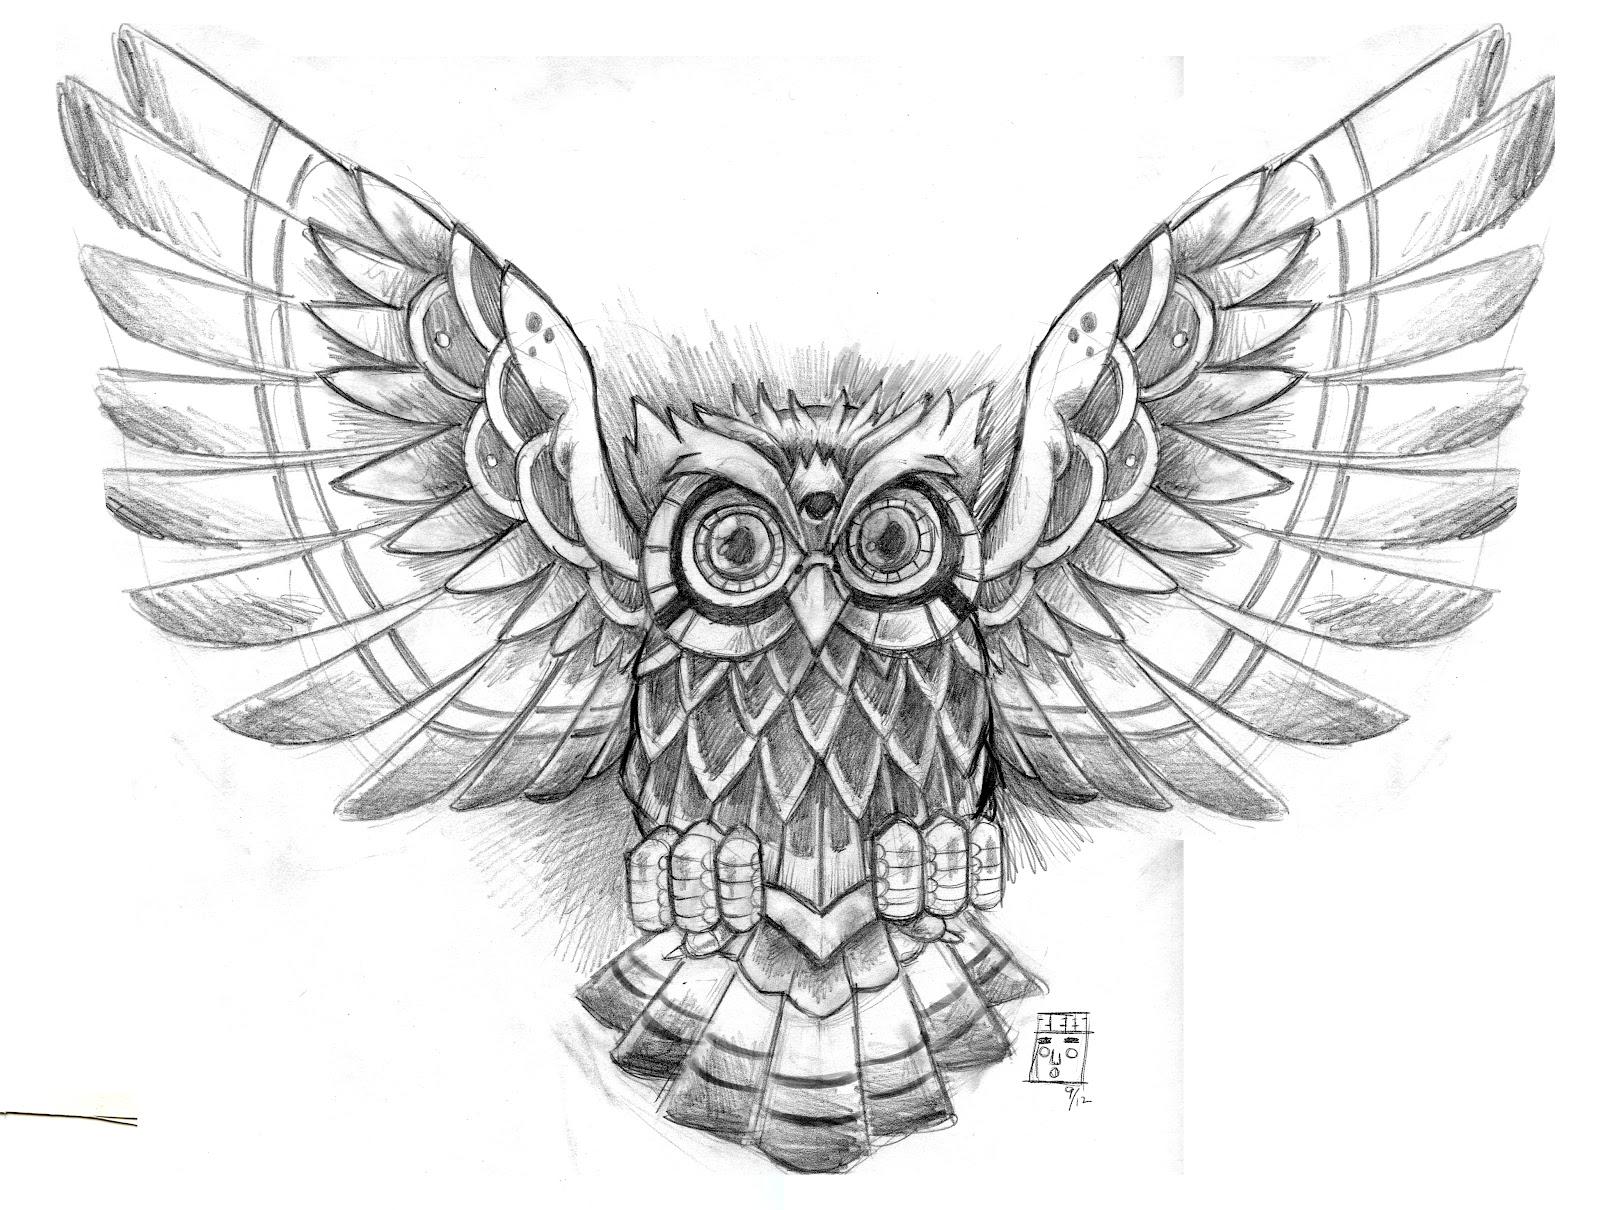 http://4.bp.blogspot.com/-cxepvWpokOQ/UFJfwPh-evI/AAAAAAAABBM/Ms_KBPHct50/s1600/Owl002.jpg